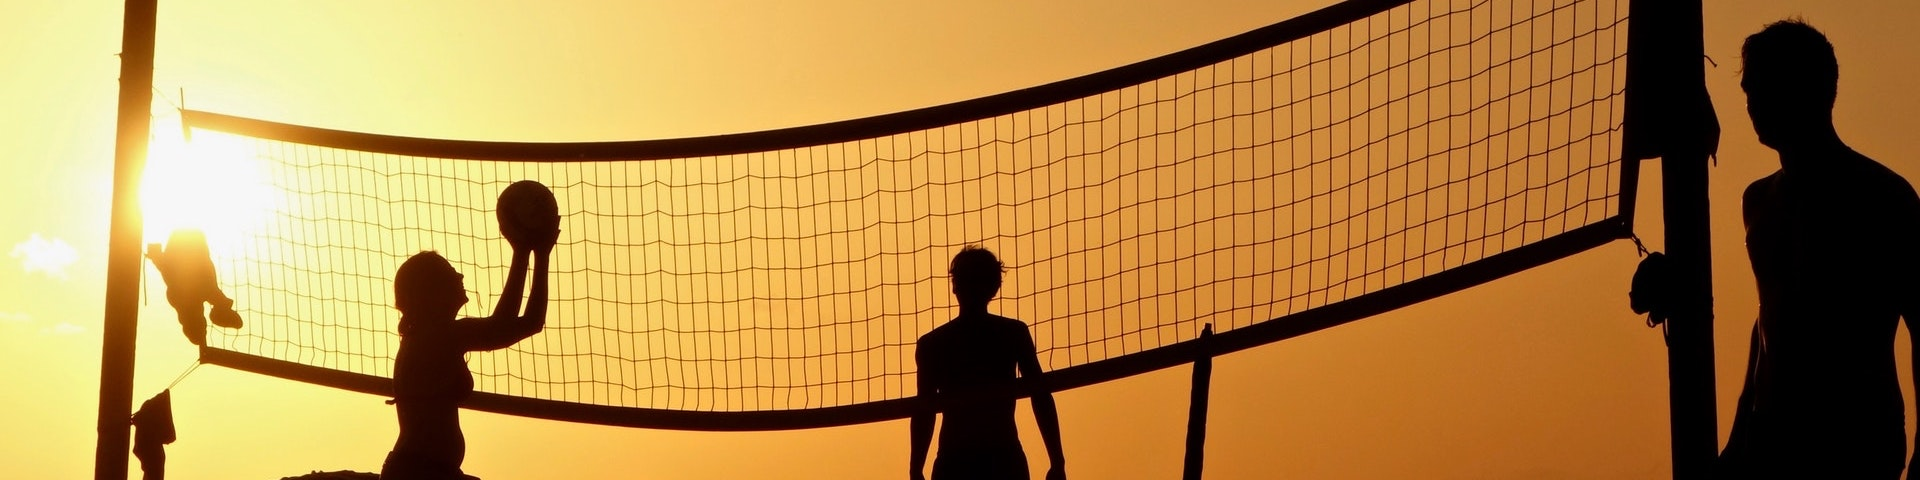 best beach volleyball